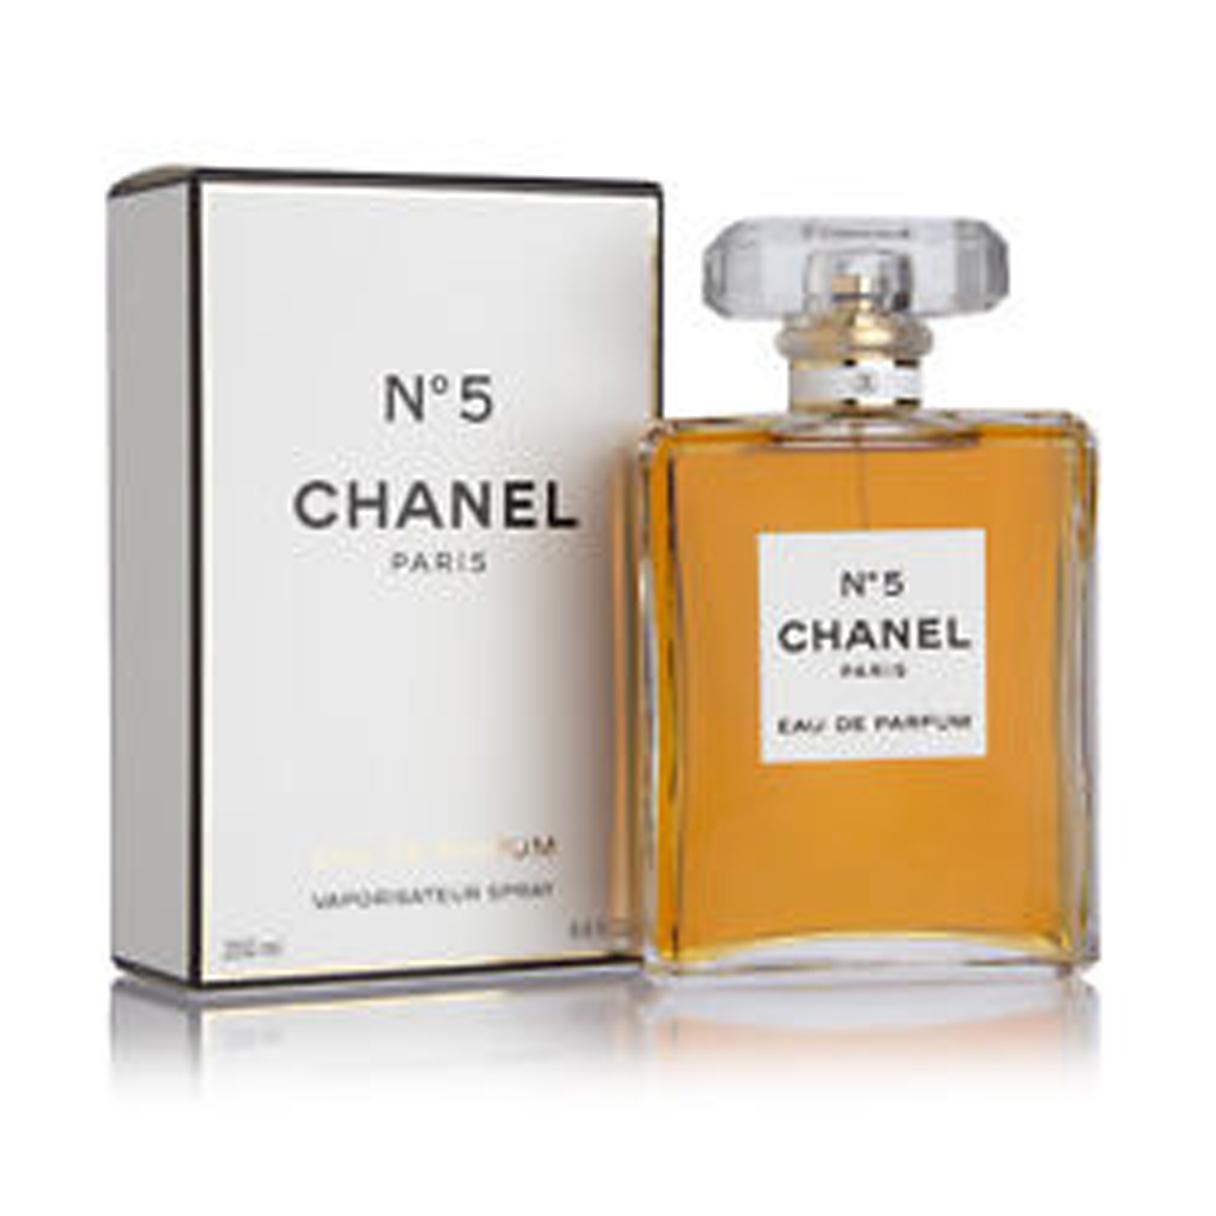 Jual Parfum Chanel N 5 Terbaru Import Oem Wanita Terlaris Best Seller Murah N5 Edp 100 Ml